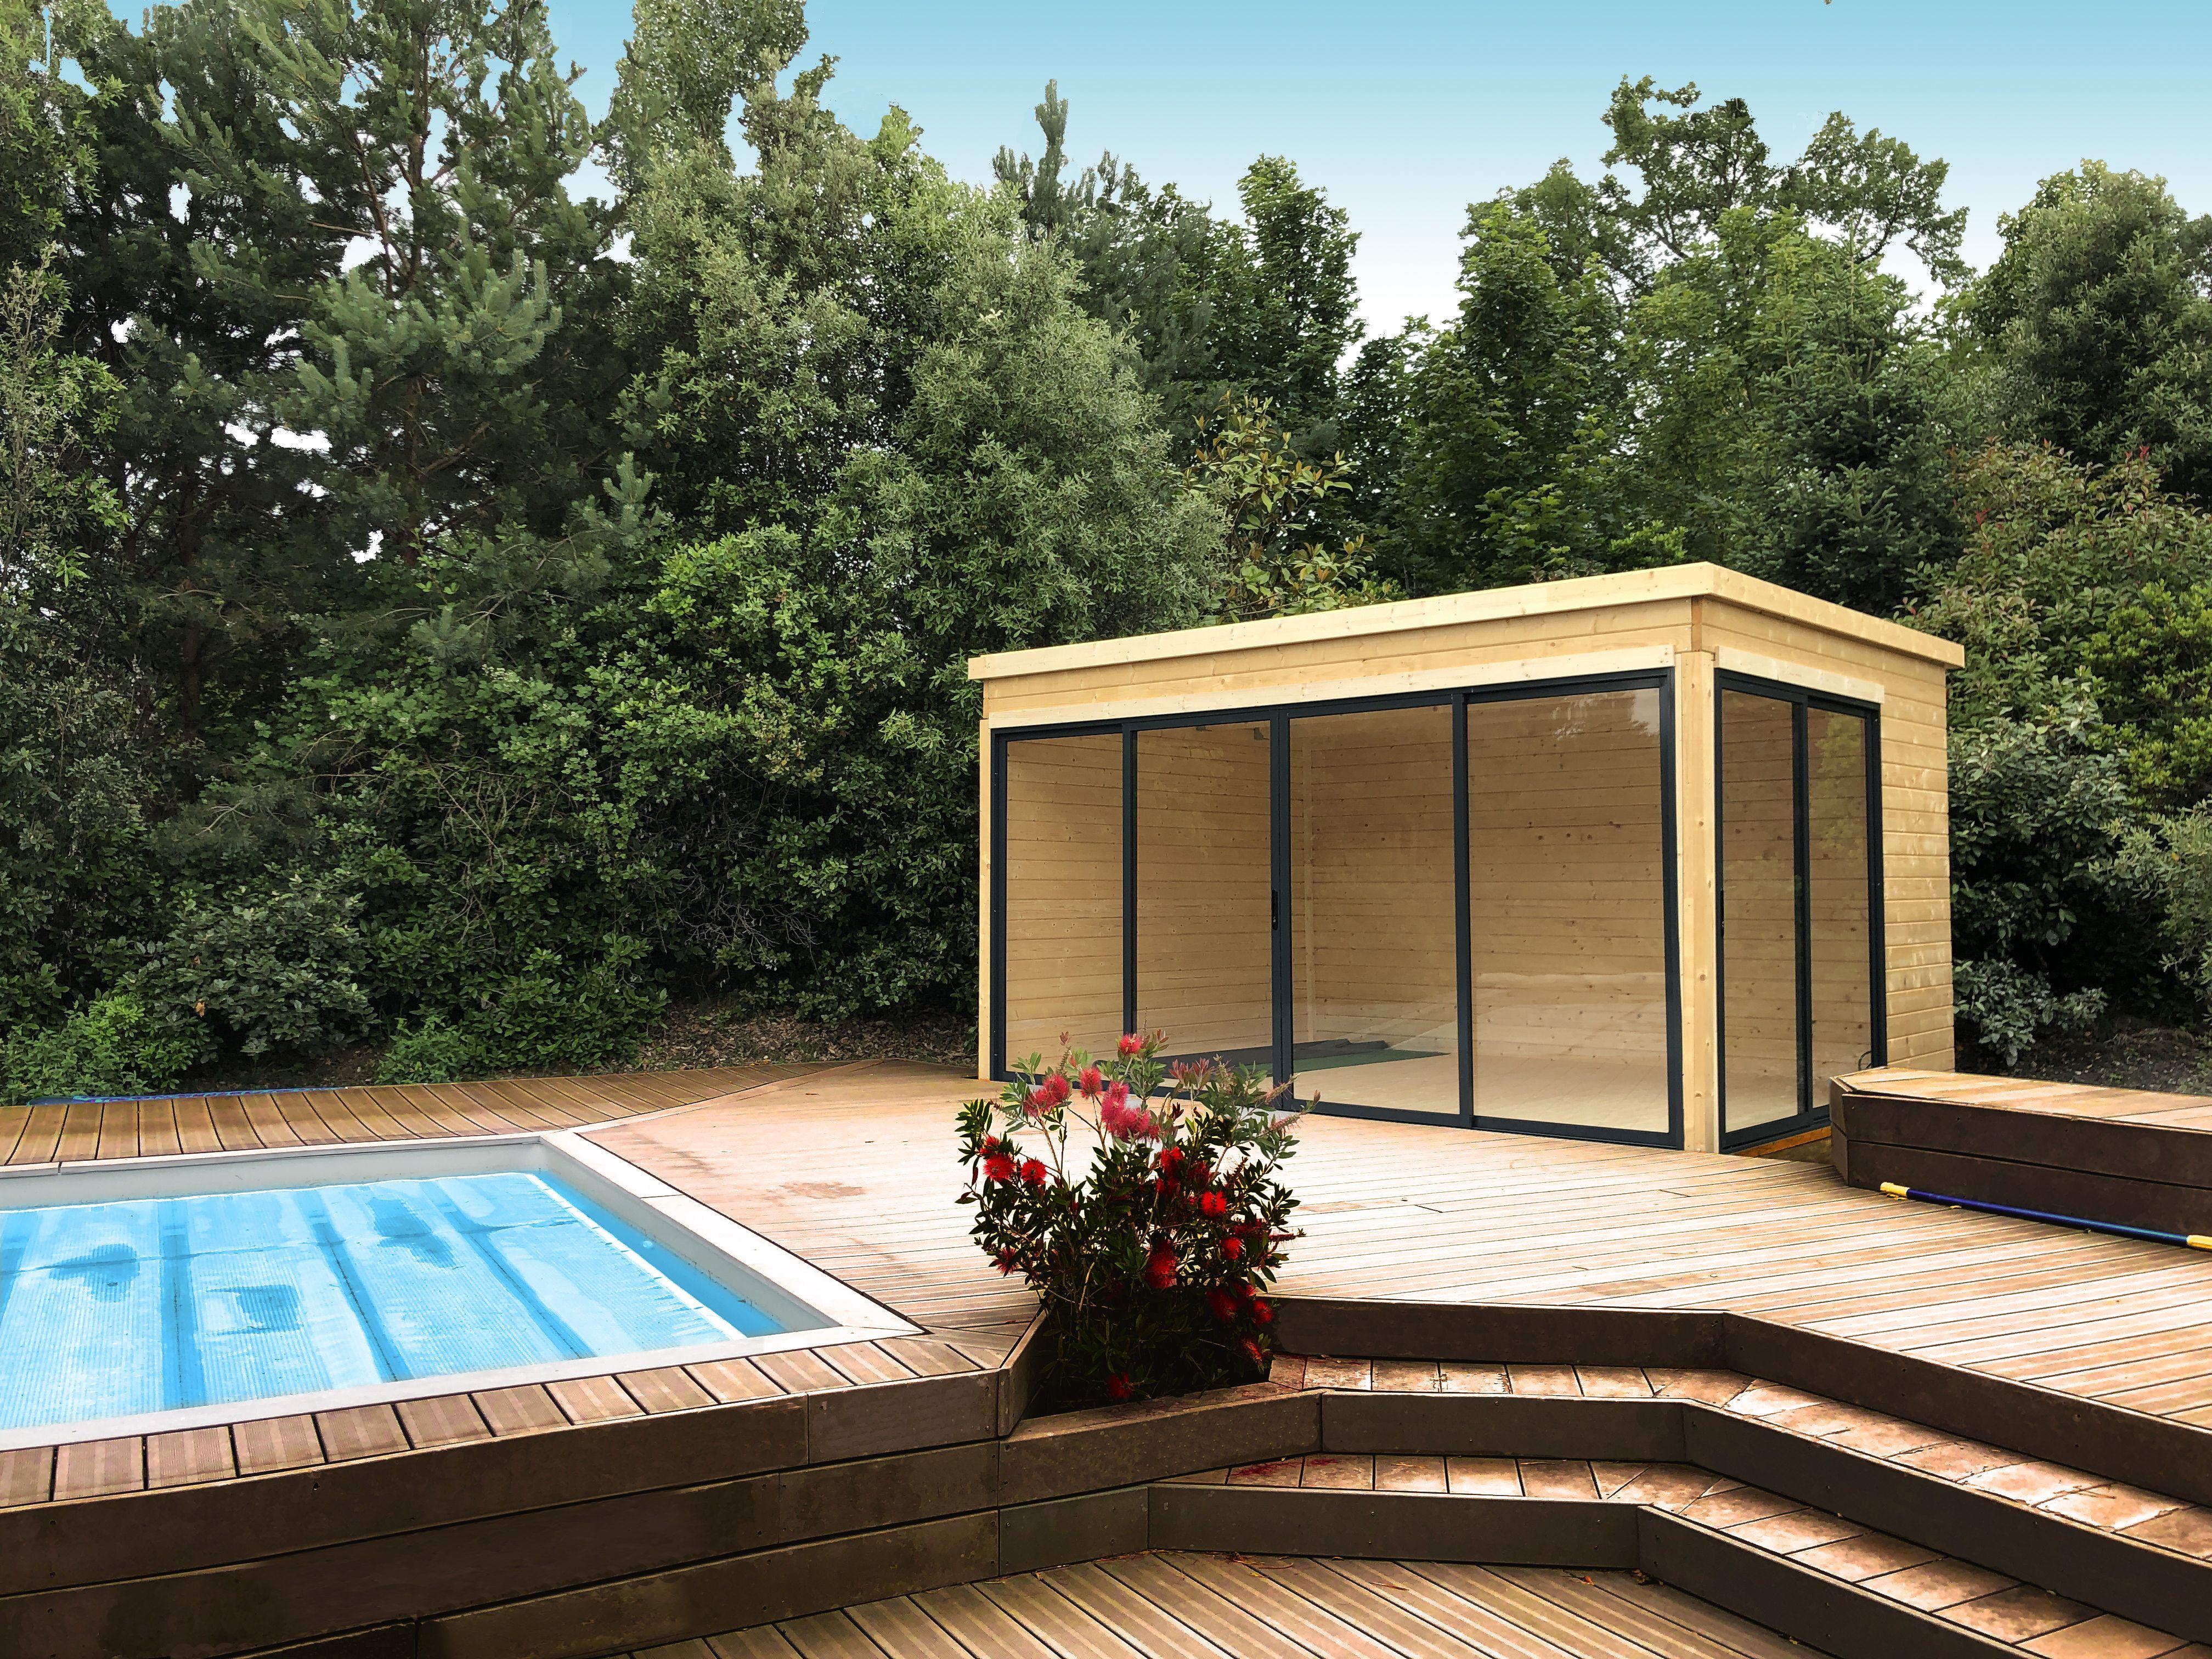 Direct Abris Bureau De Jardin Argos 4 - 12M2 | Bureau De ... dedans Abri De Jardin 12M2